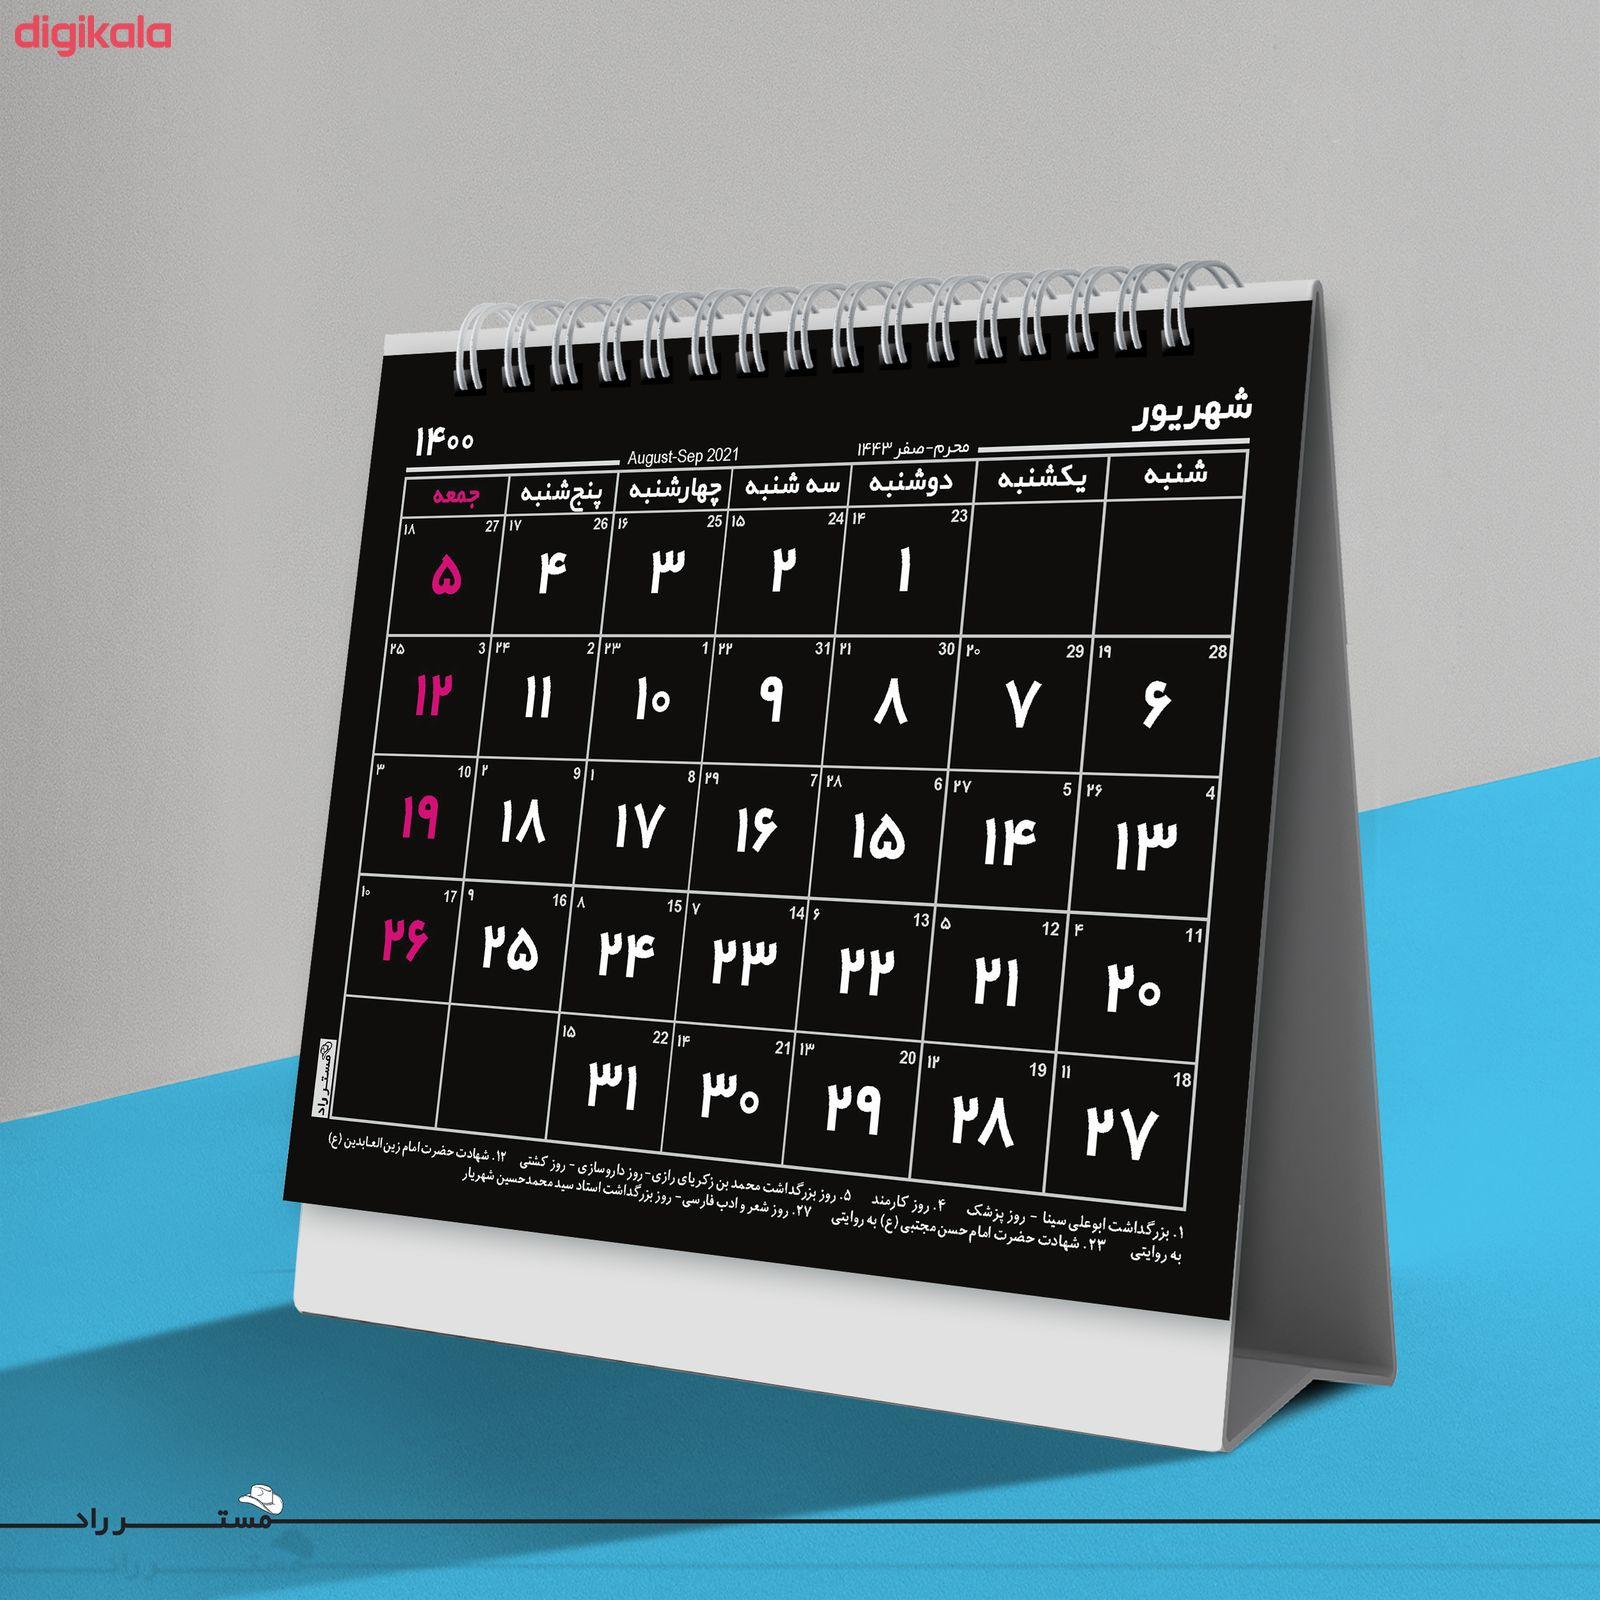 تقویم رومیزیسال 1400  مستر راد مدل endar 2021 کد s20 main 1 16